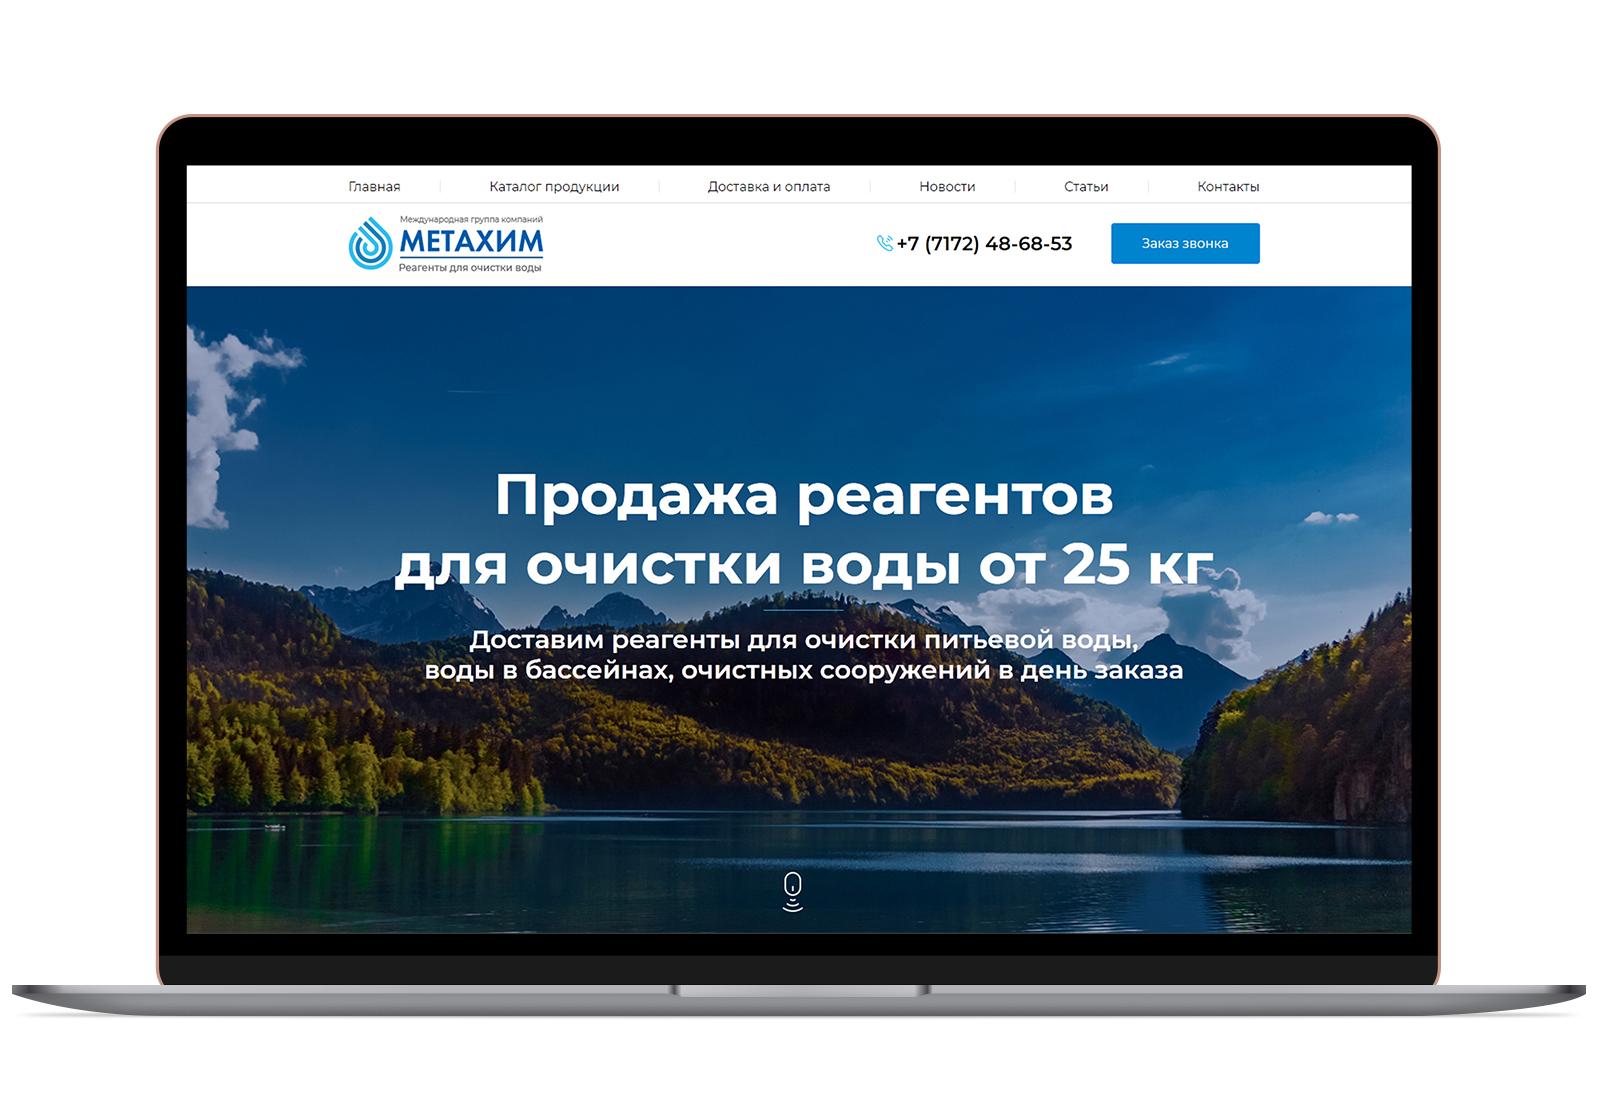 Сайты фрилансеров казахстан все для freelancer discovery